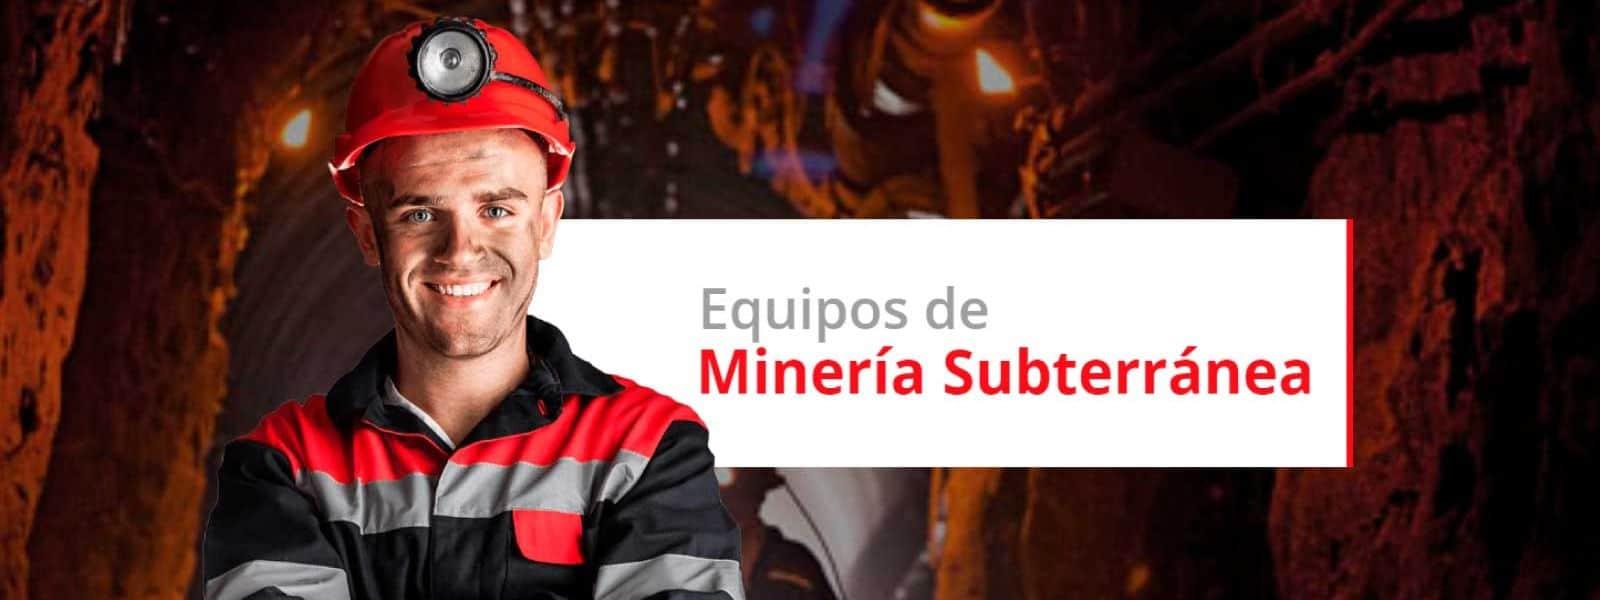 Equipos de Minera Subterranea